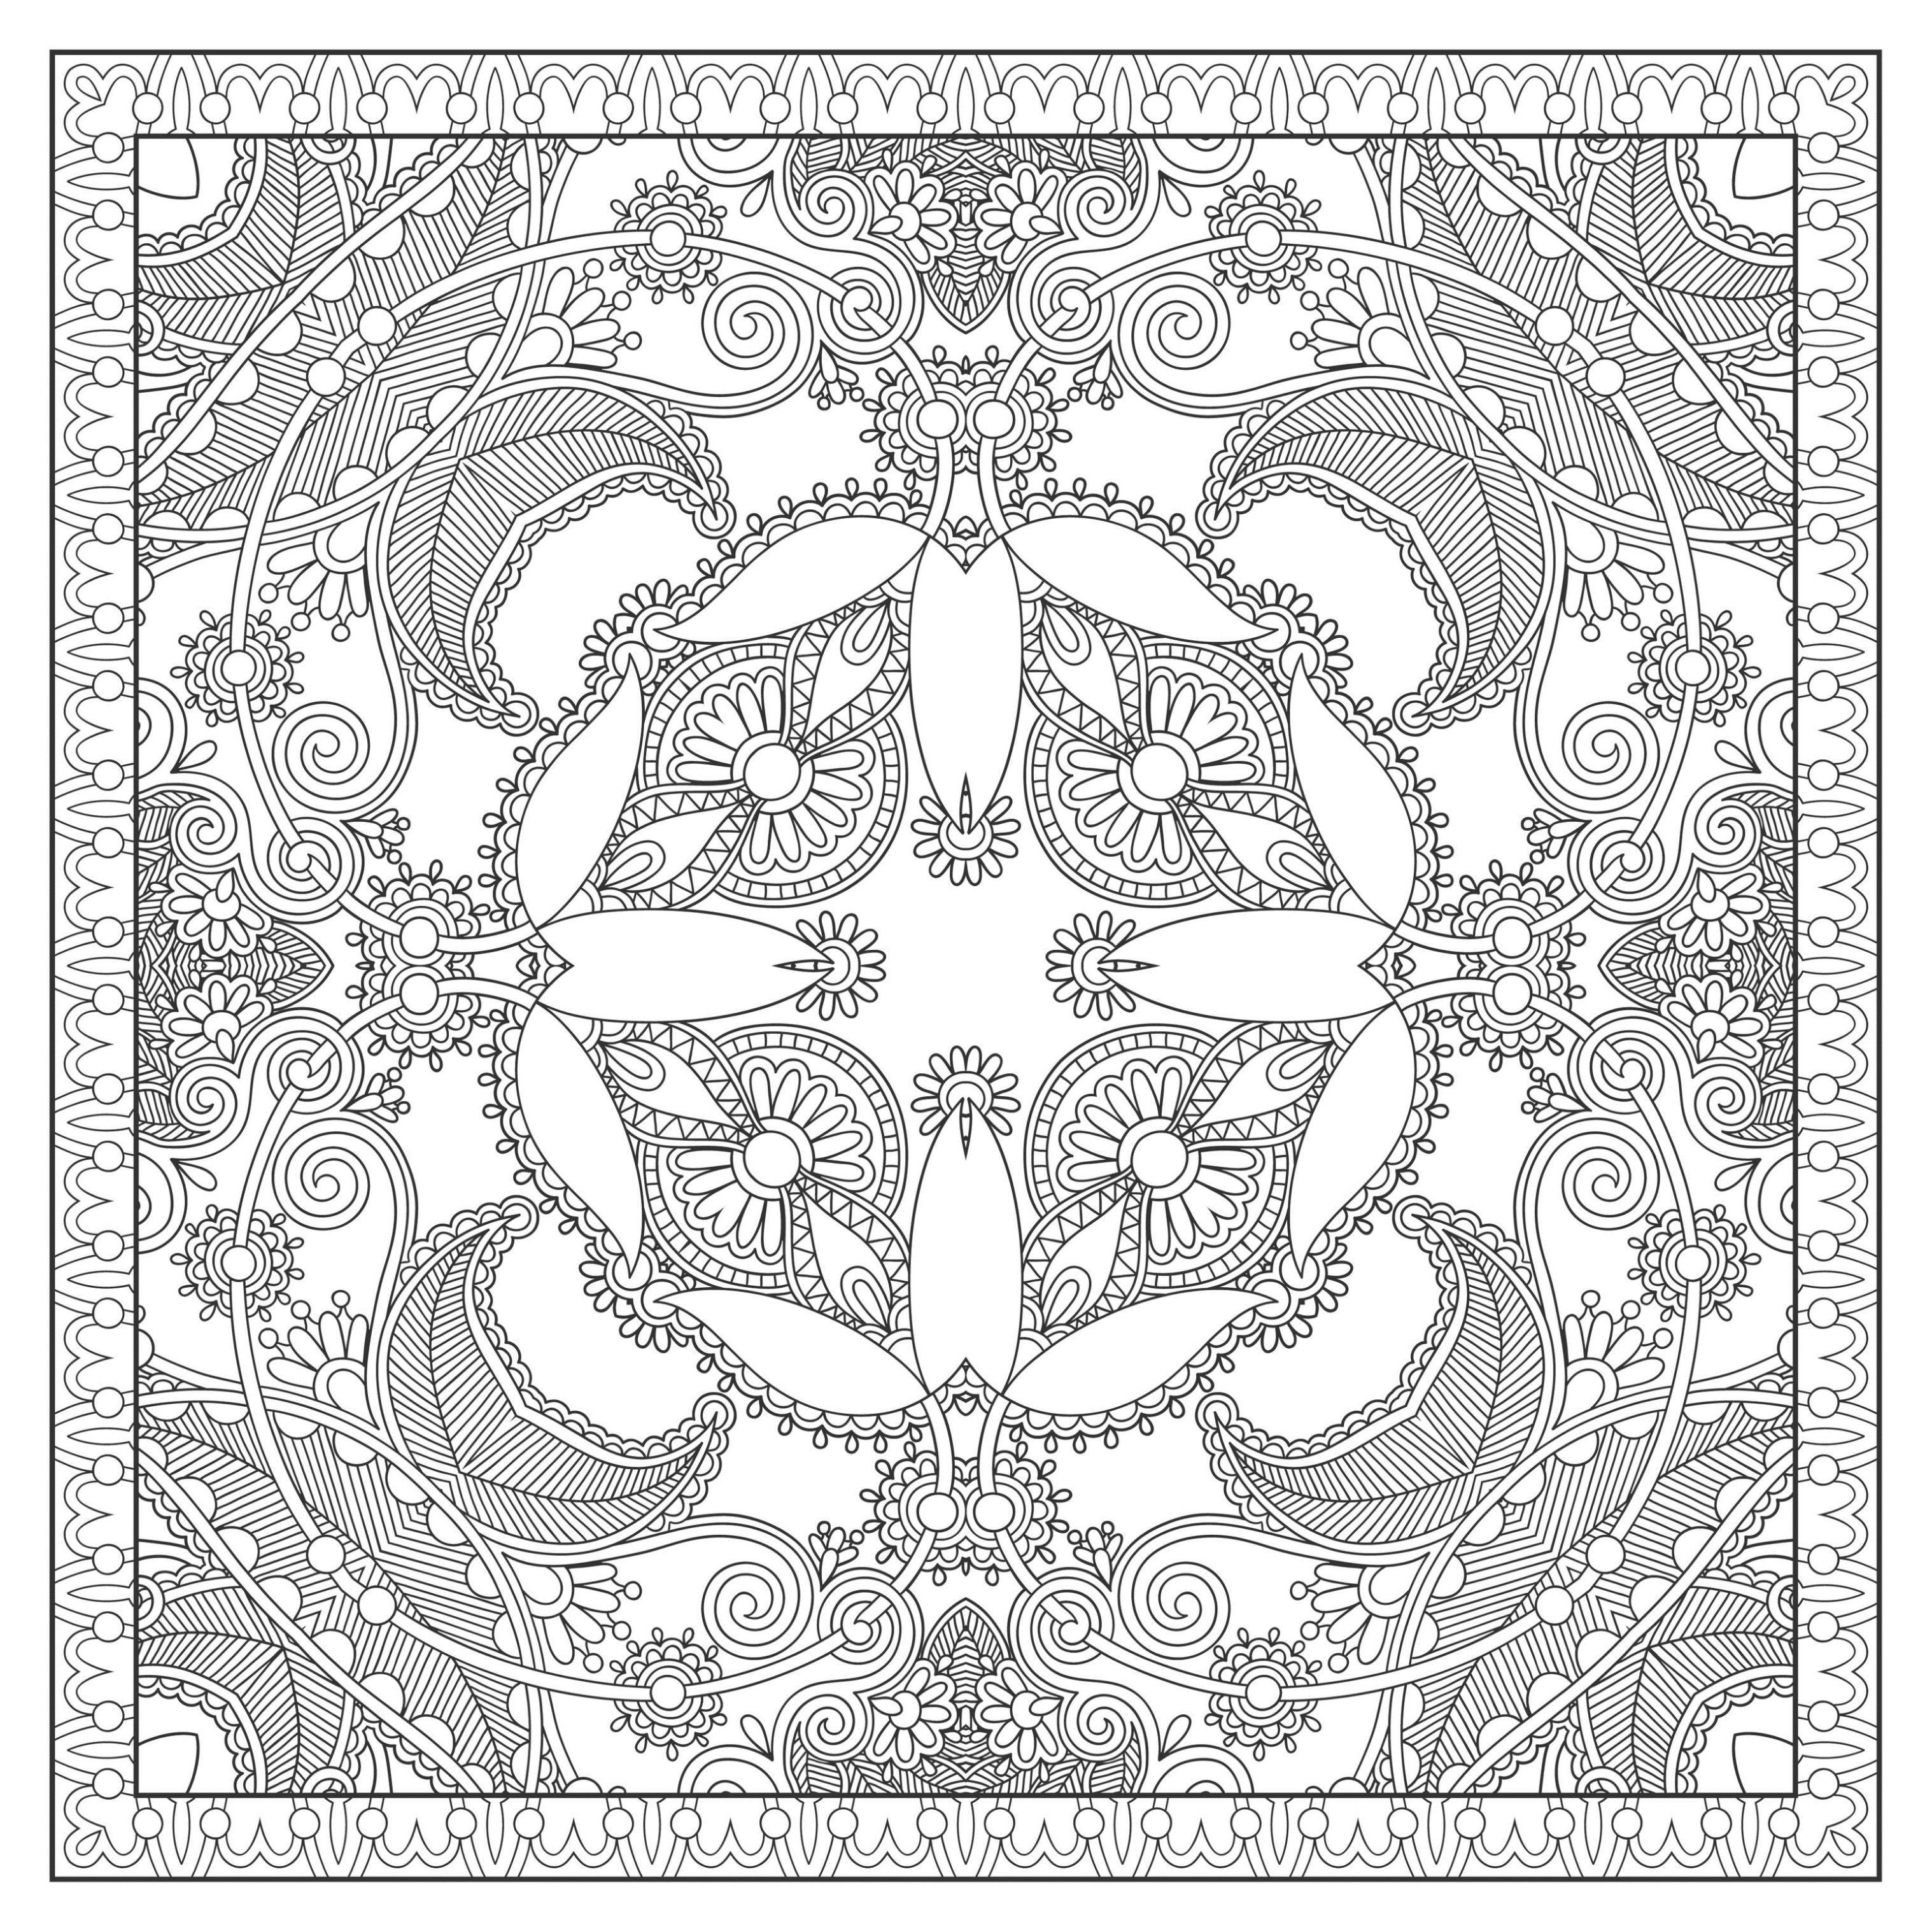 free mandalas page coloring squared complex mandala by karakotsya